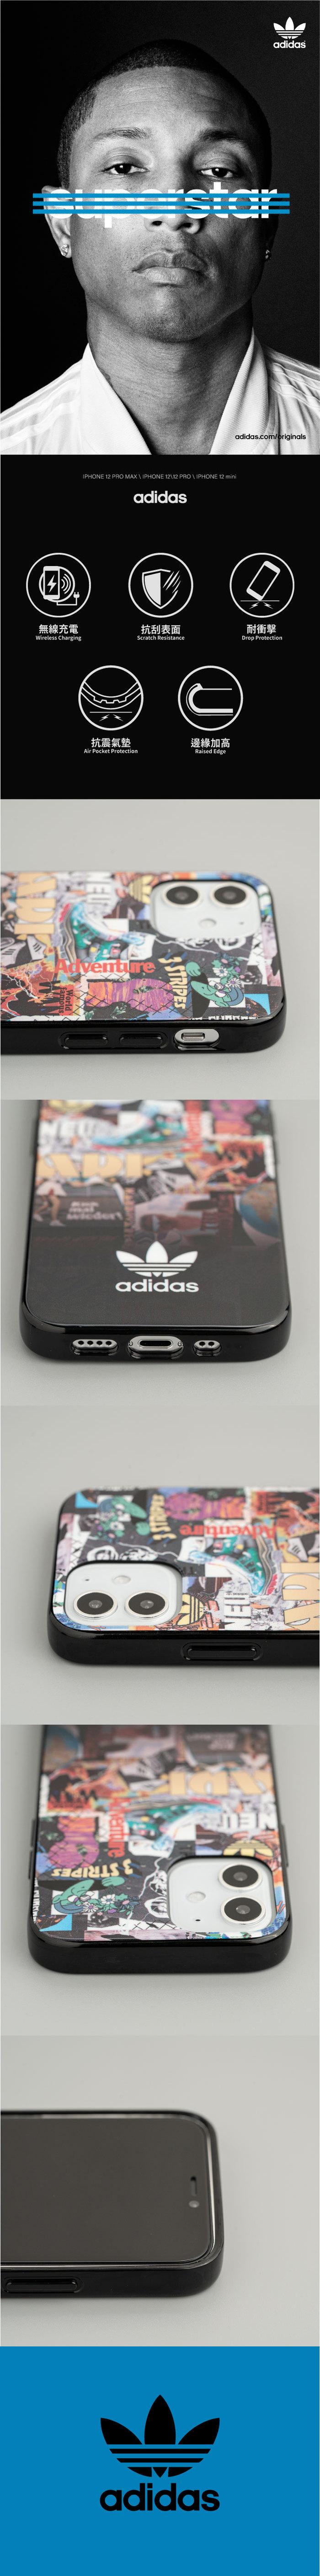 Adidas|iPhone 12 mini 手機殼 Originals Graphic 街頭